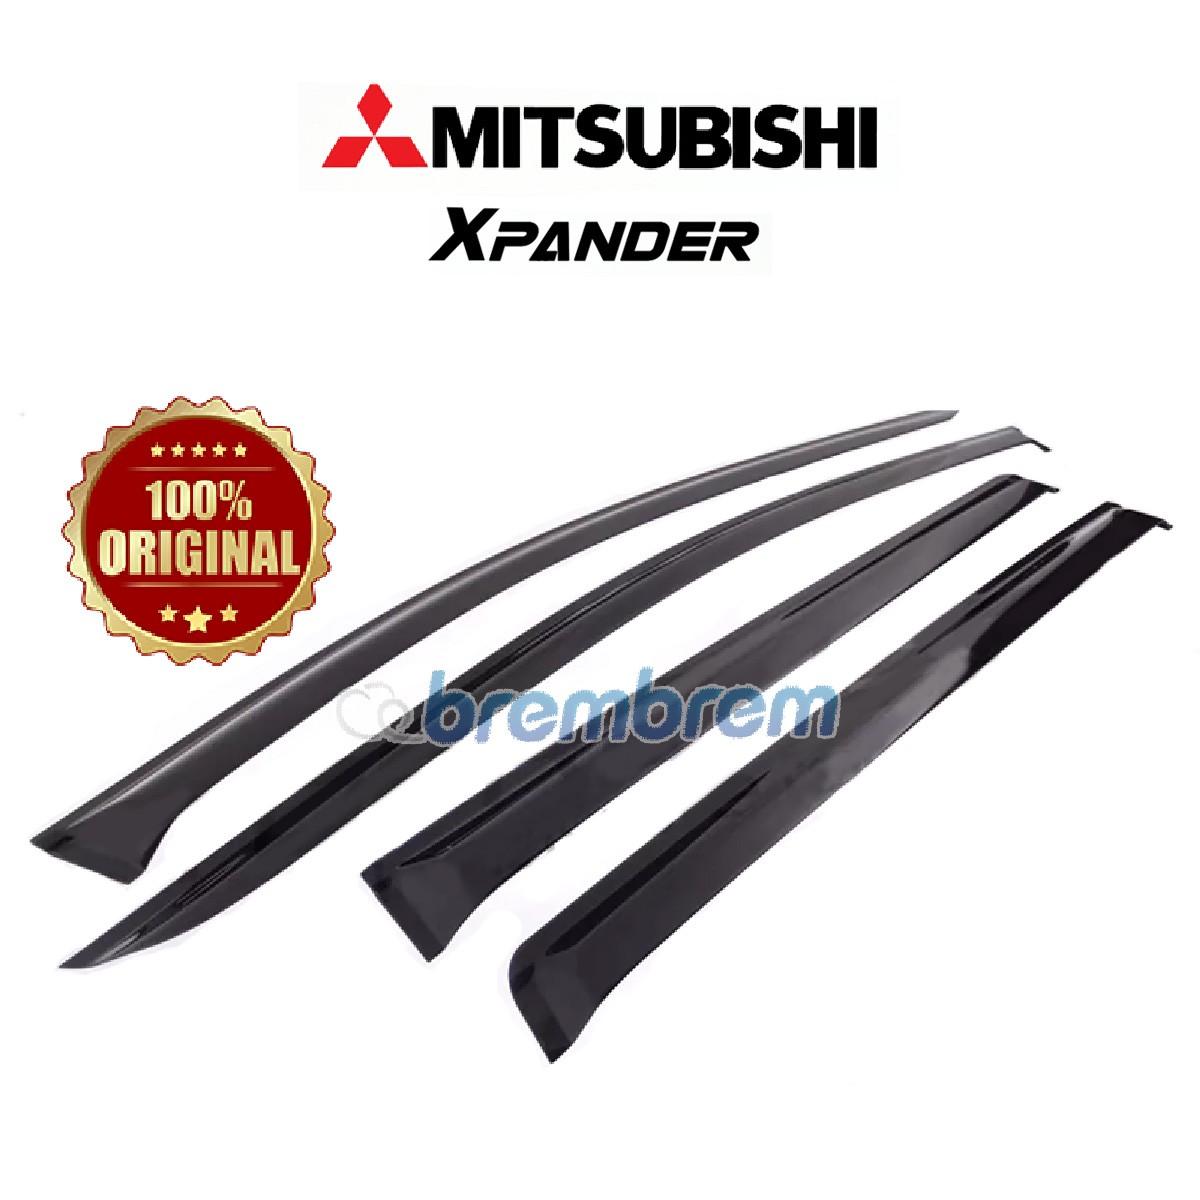 TALANG AIR BLACK SLIM MITSUBISHI XPANDER